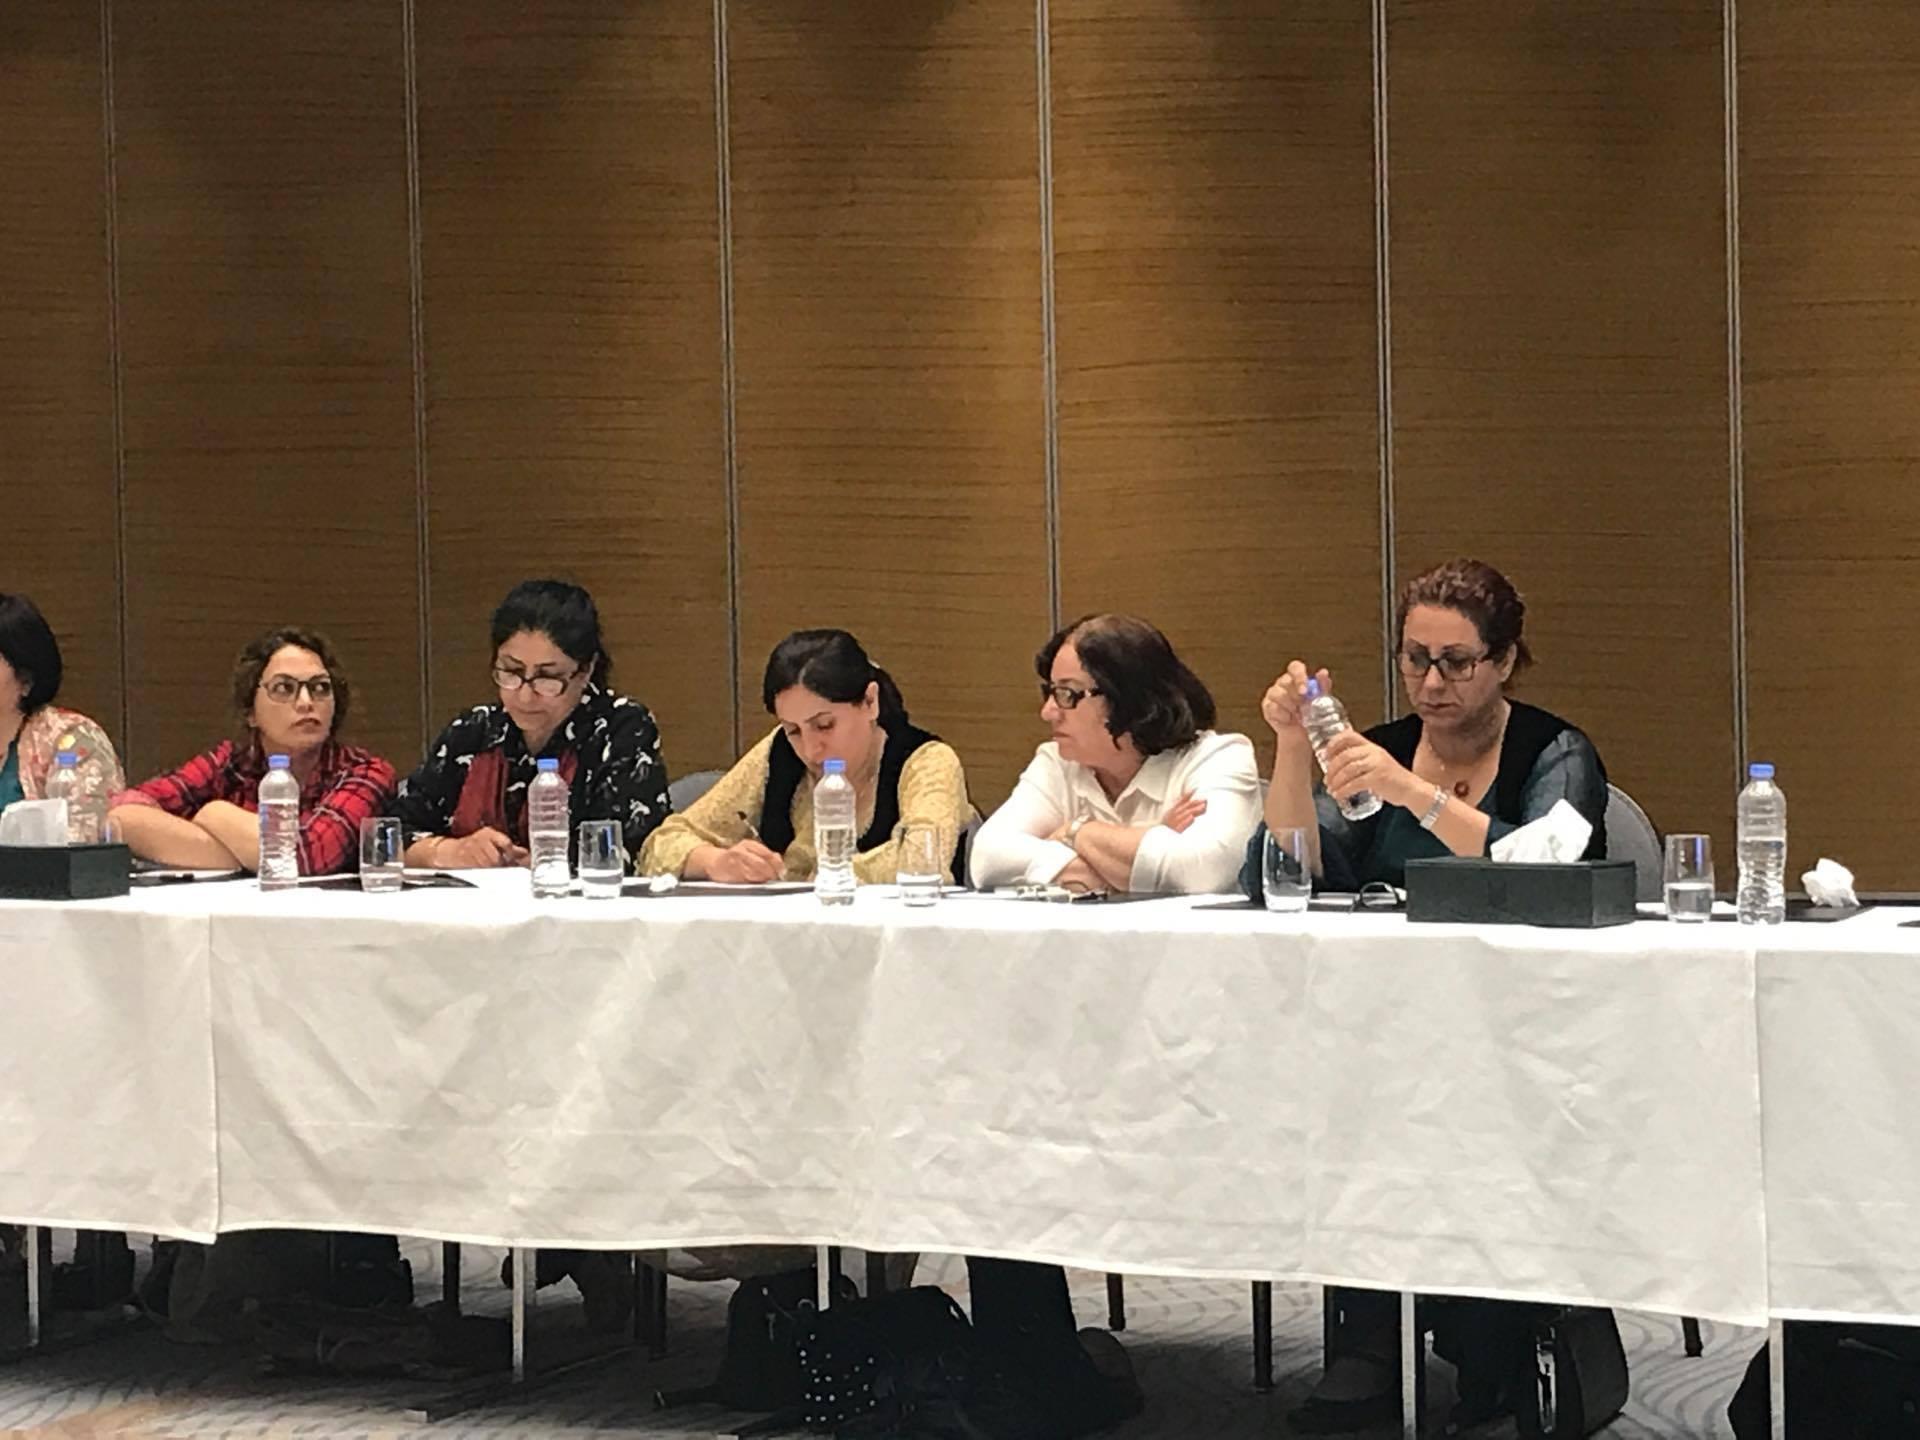 بەشداریی ژنانی كۆمەڵە لە كۆبوونەوەی ژنانی چوار پارچەی كوردستان